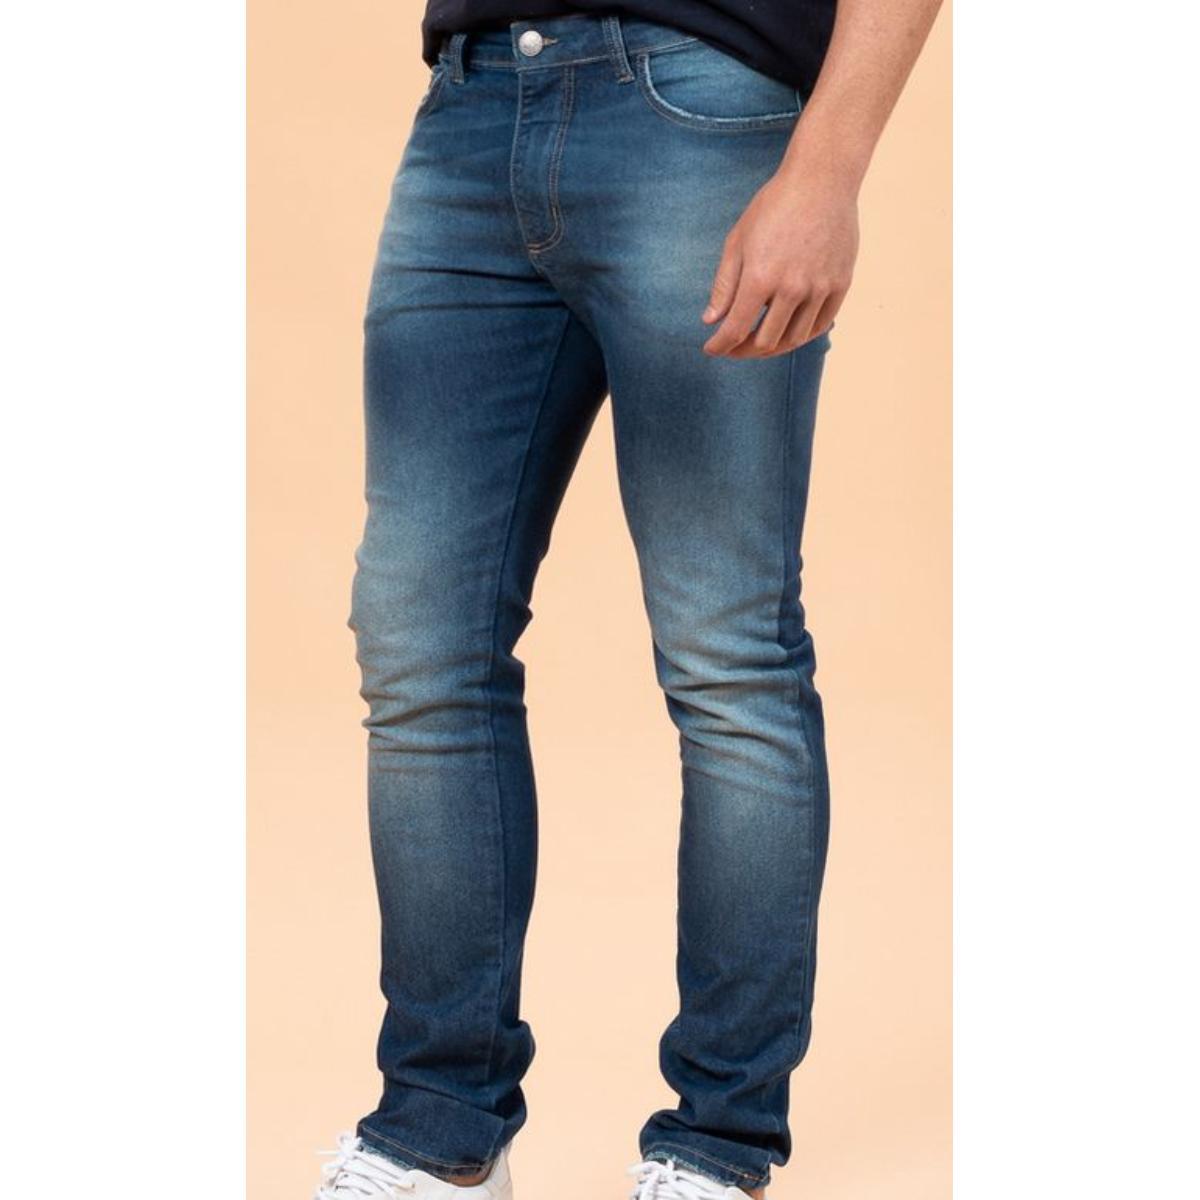 Calça Masculina Colcci 10106200 600 Jeans